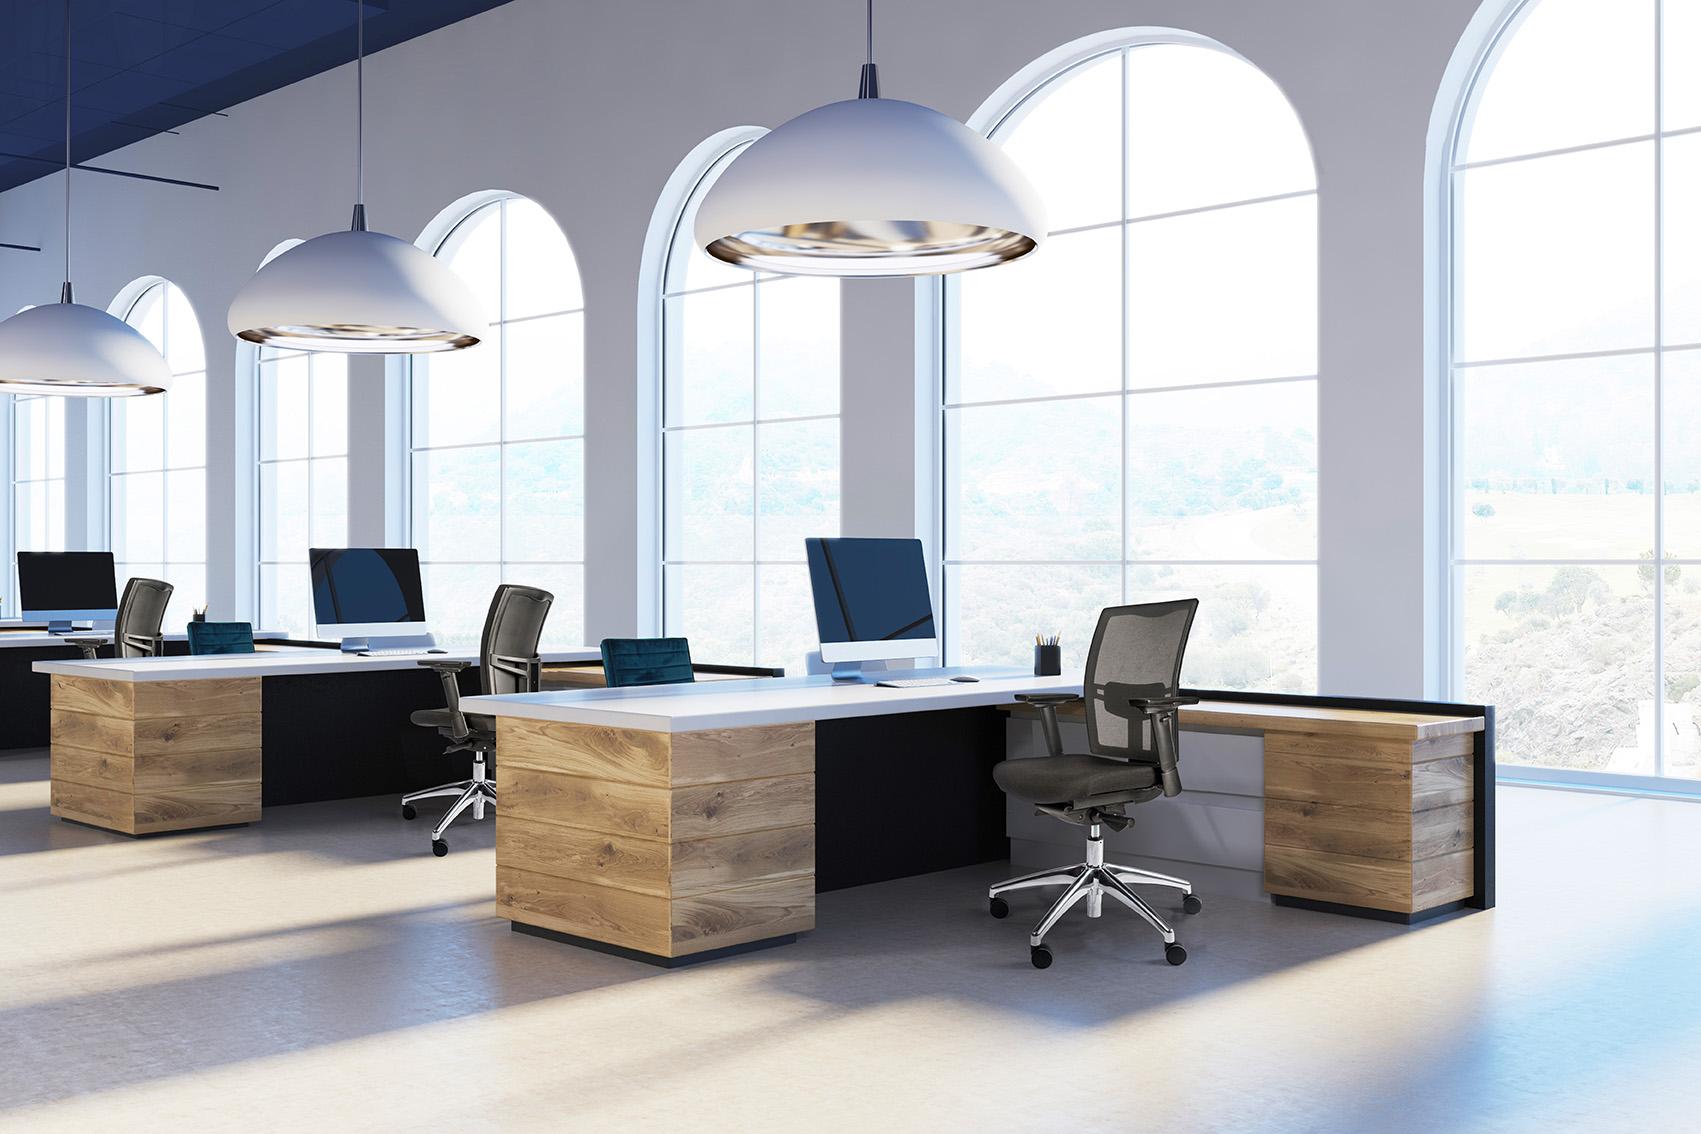 bureaustoelen